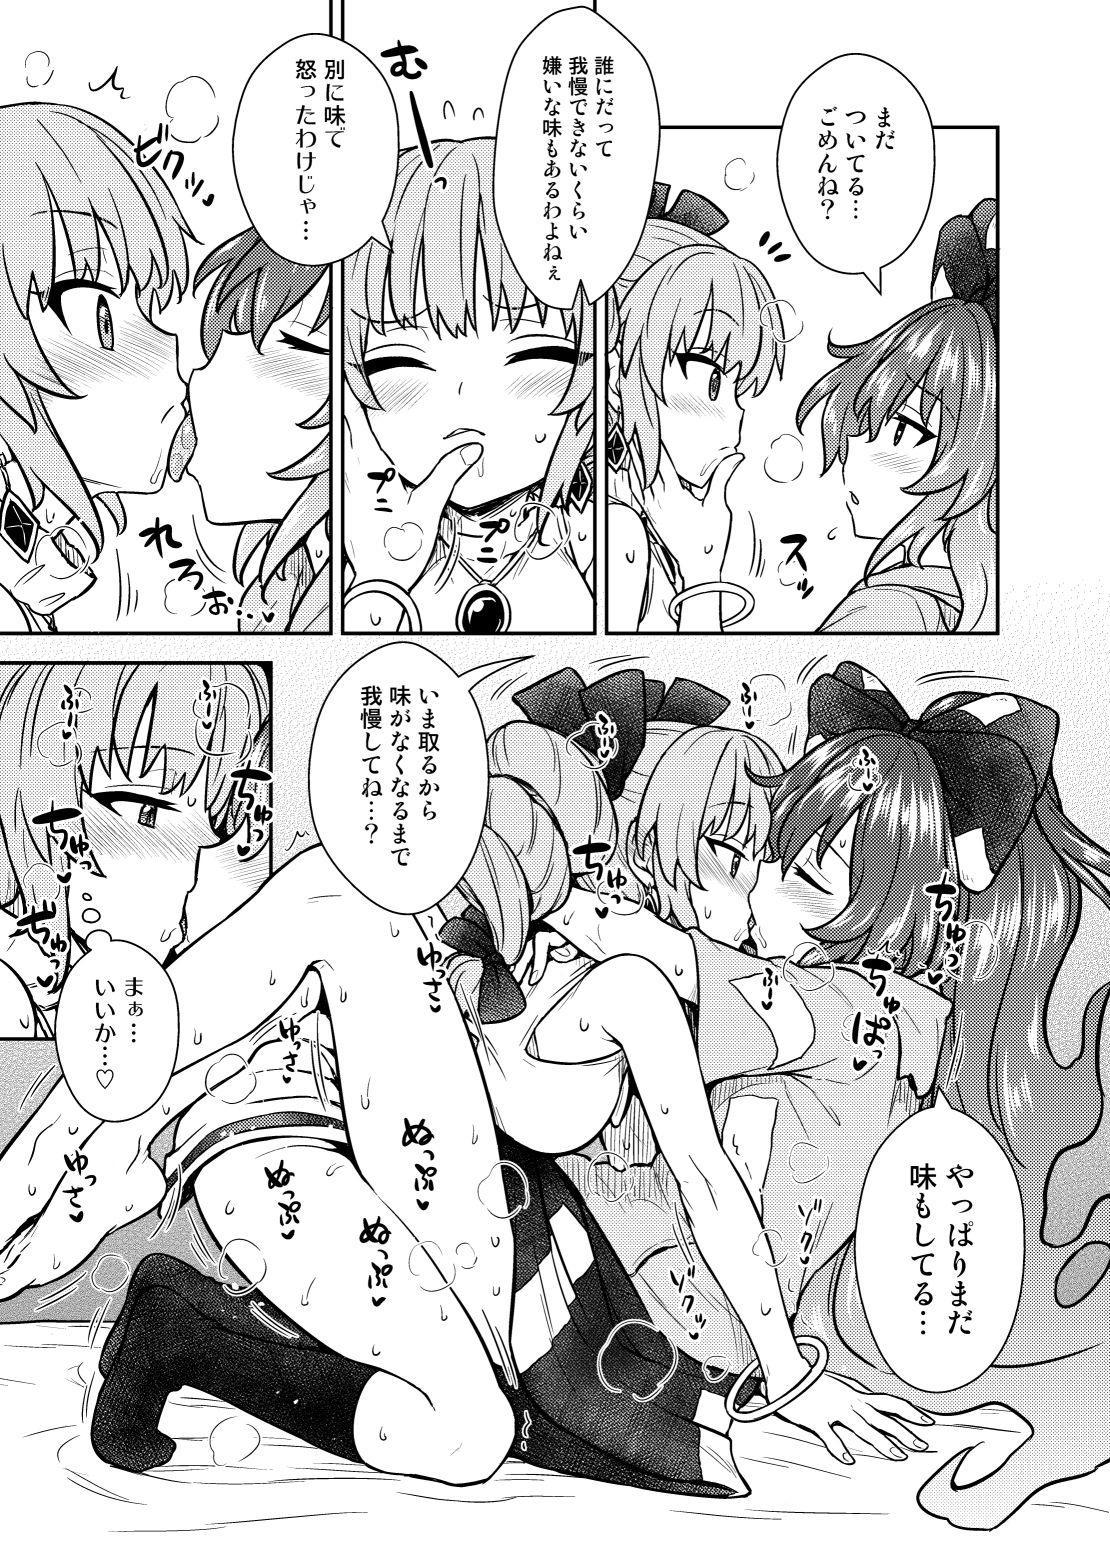 Shion no Jikyuu Jisoku Daisakusen 13